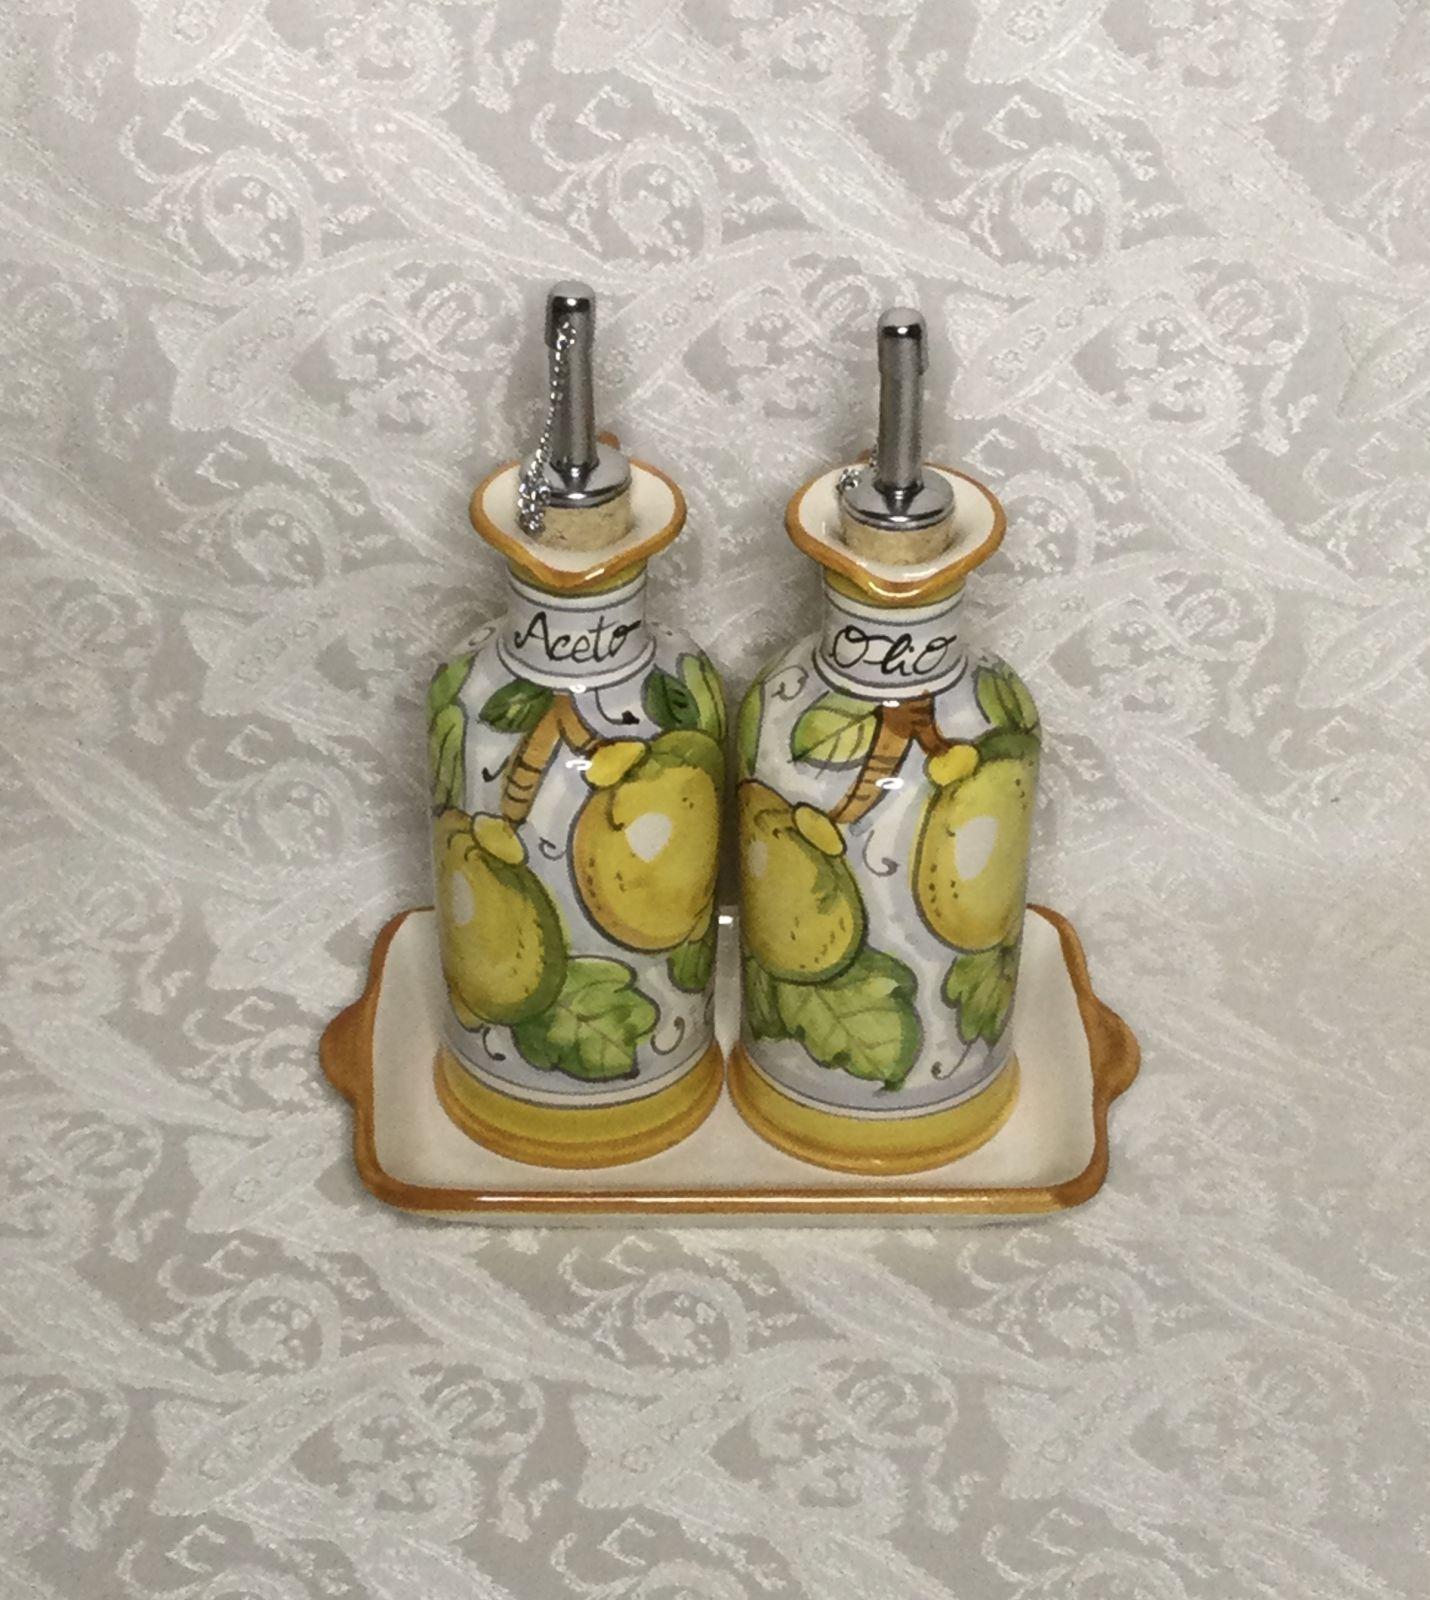 Set ampolle olio&aceto con manico h11 limoni fondo bianco